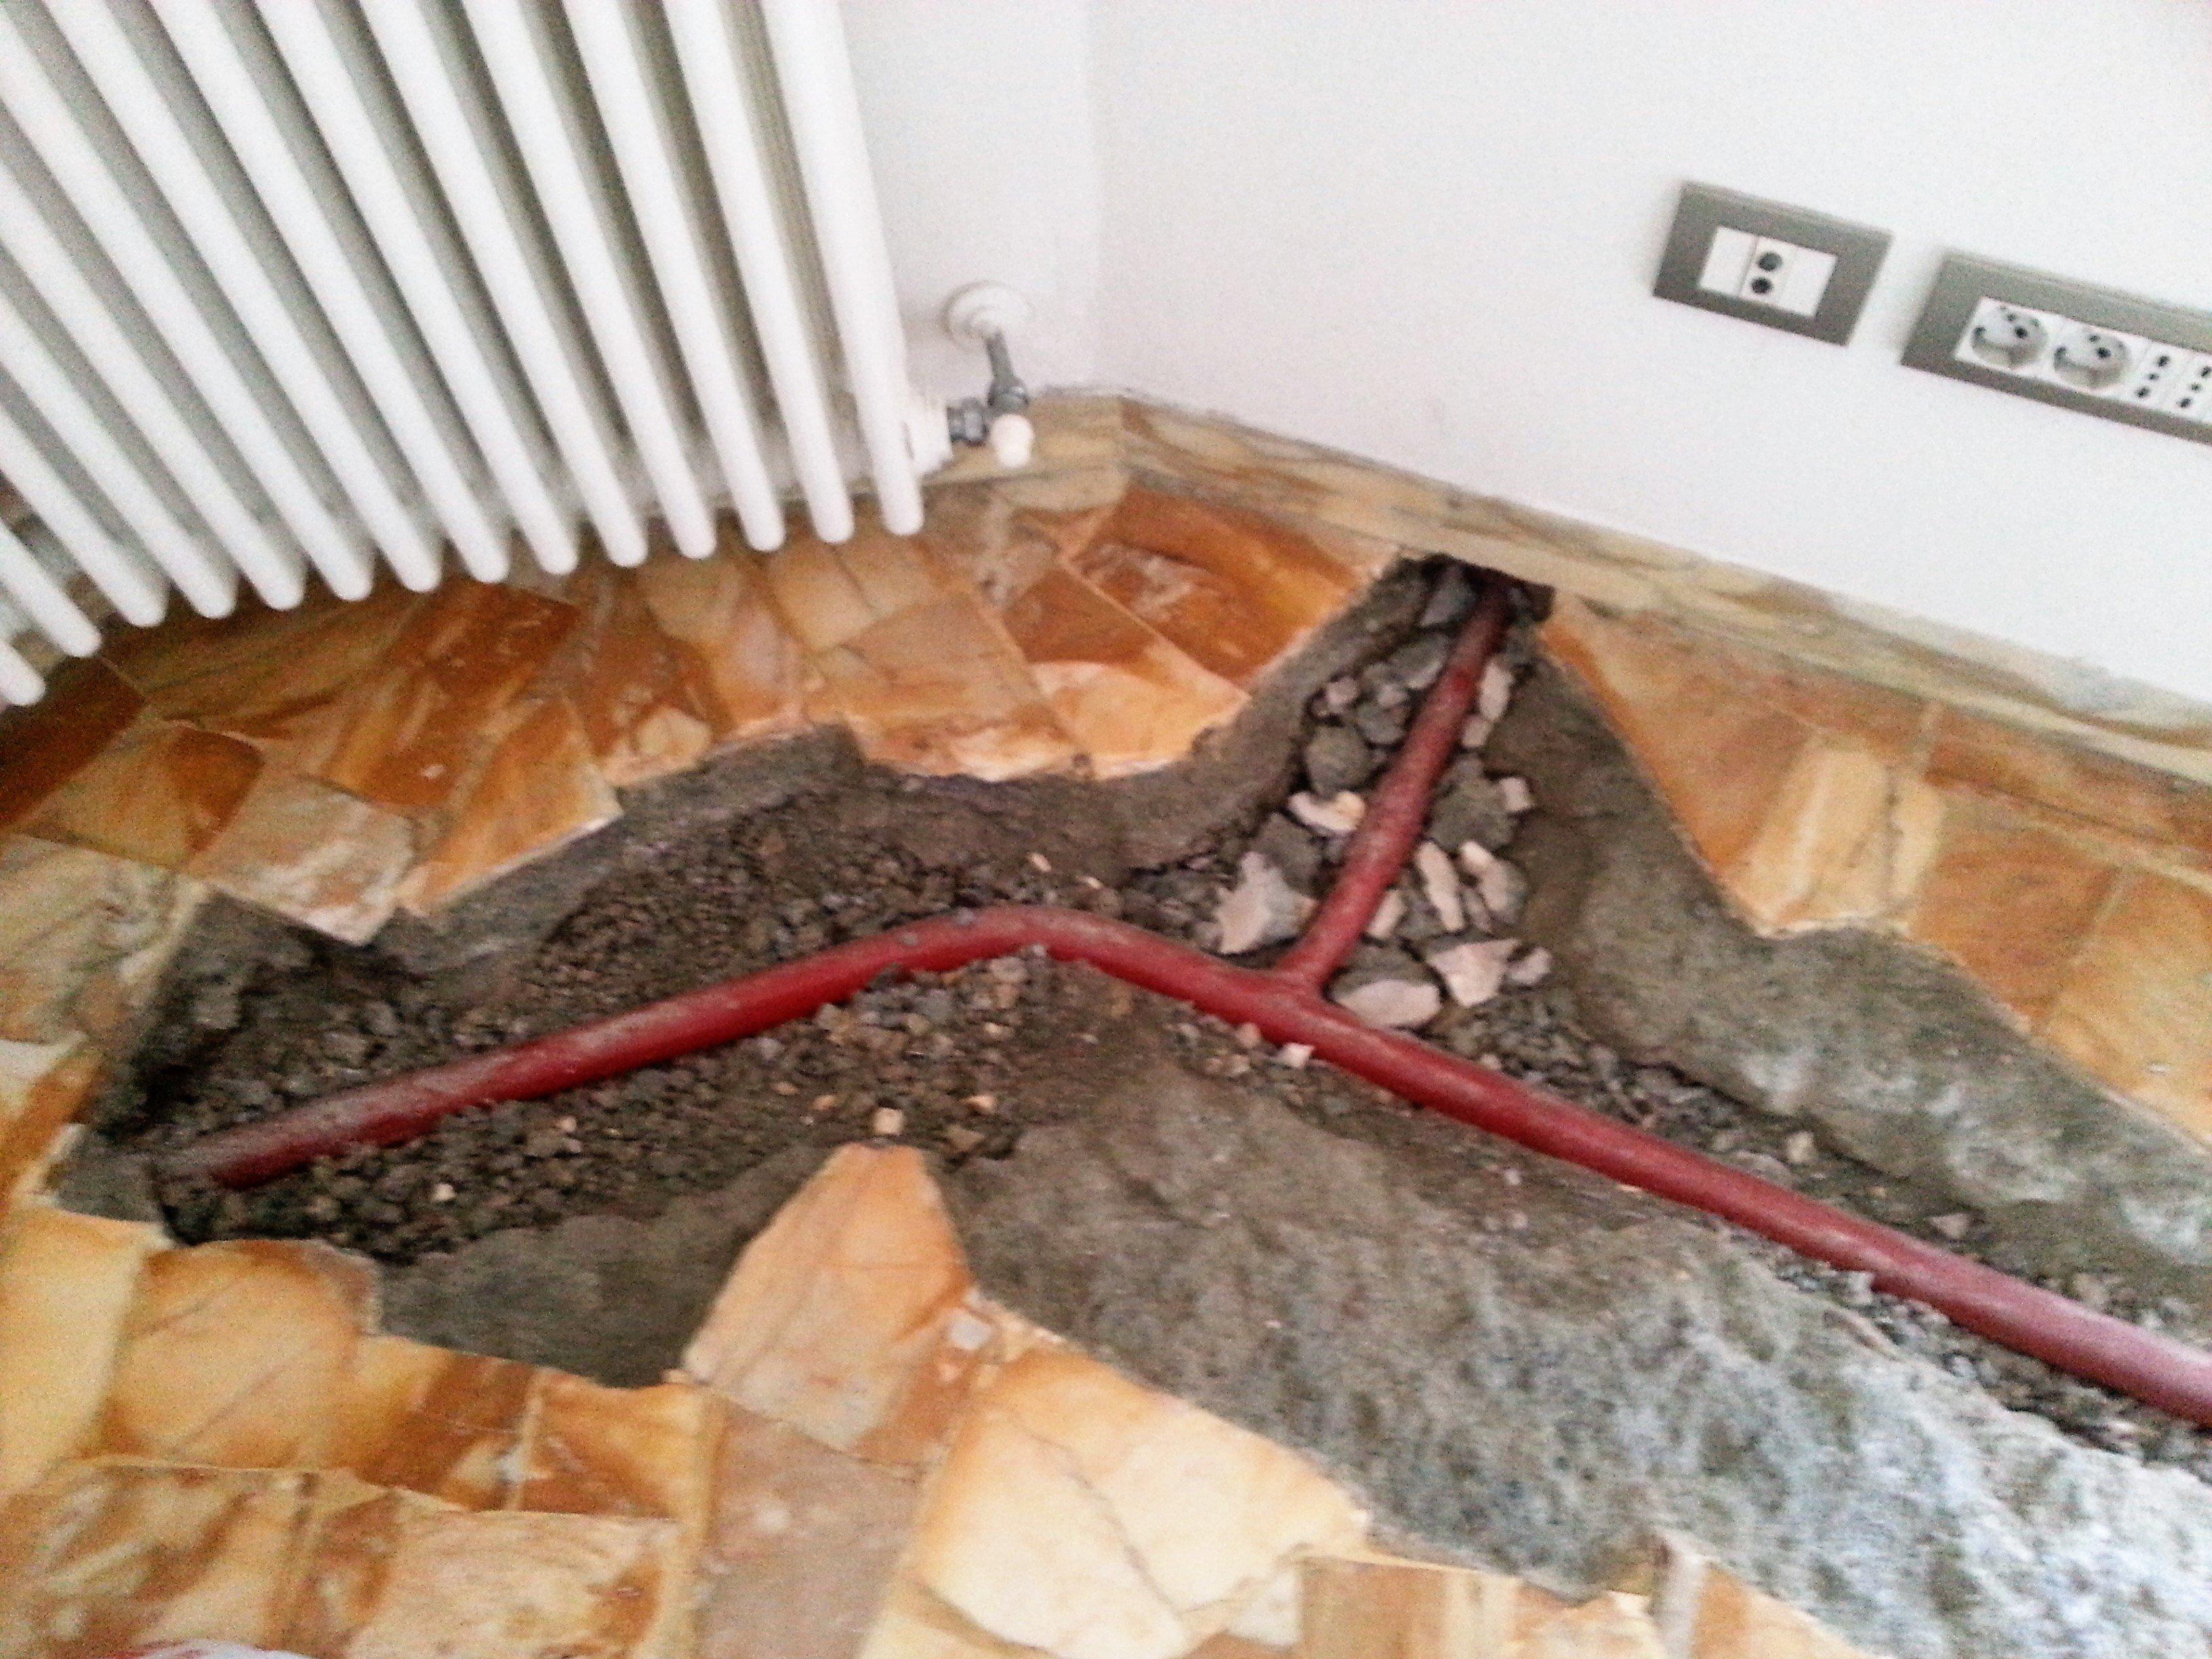 pavimento in fase di ricostruzione